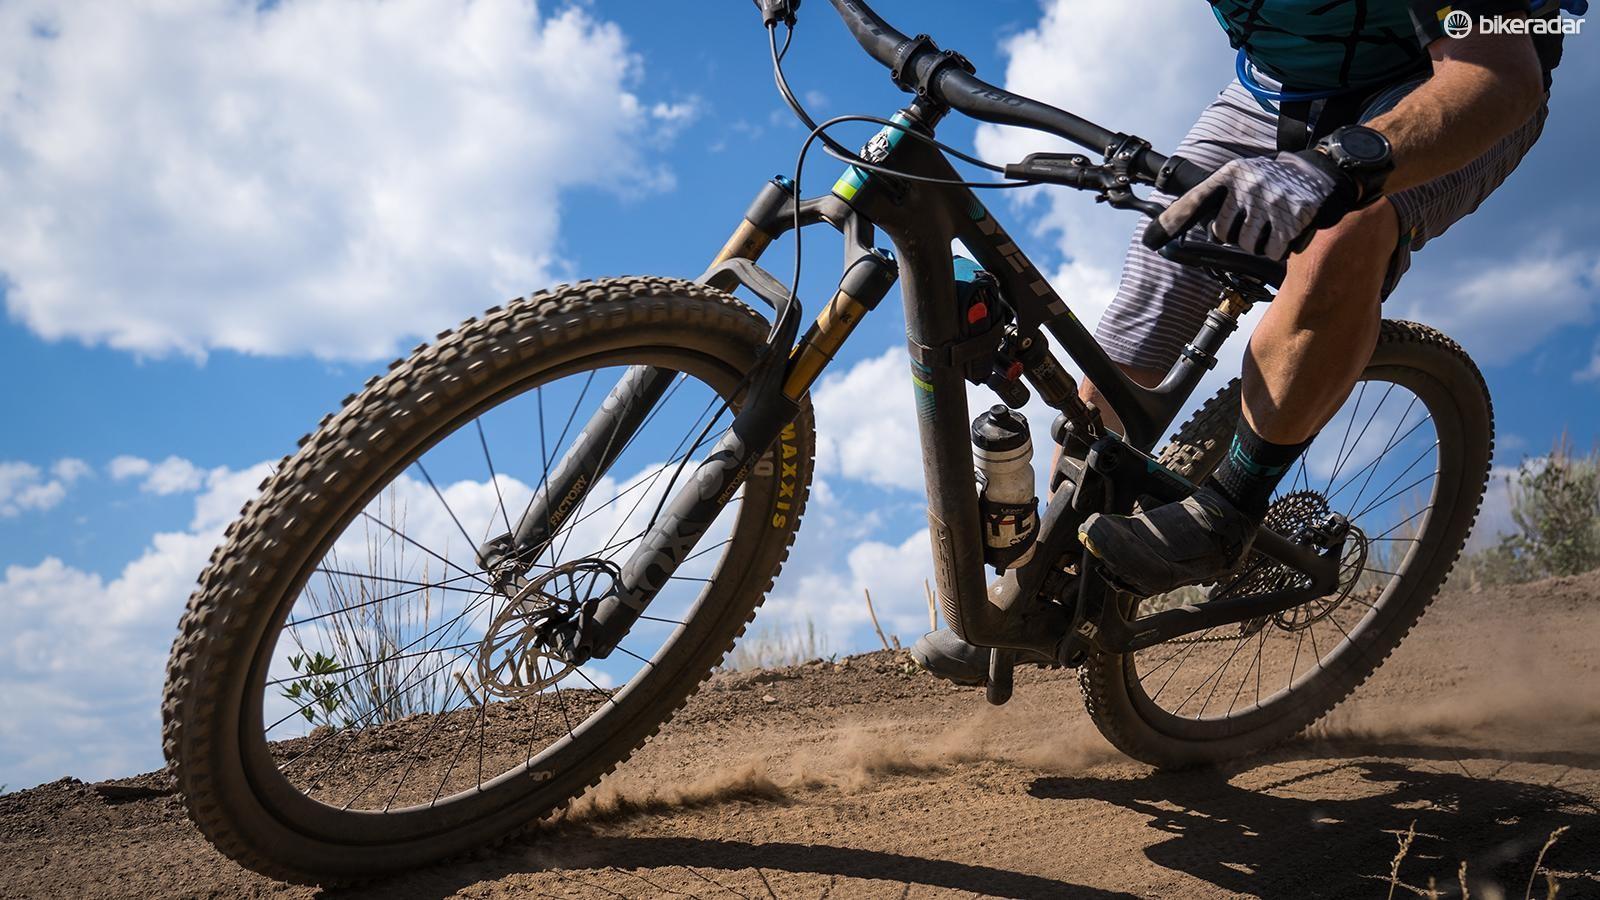 SB130 review - Mountain Bikes - Bikes - BikeRadar